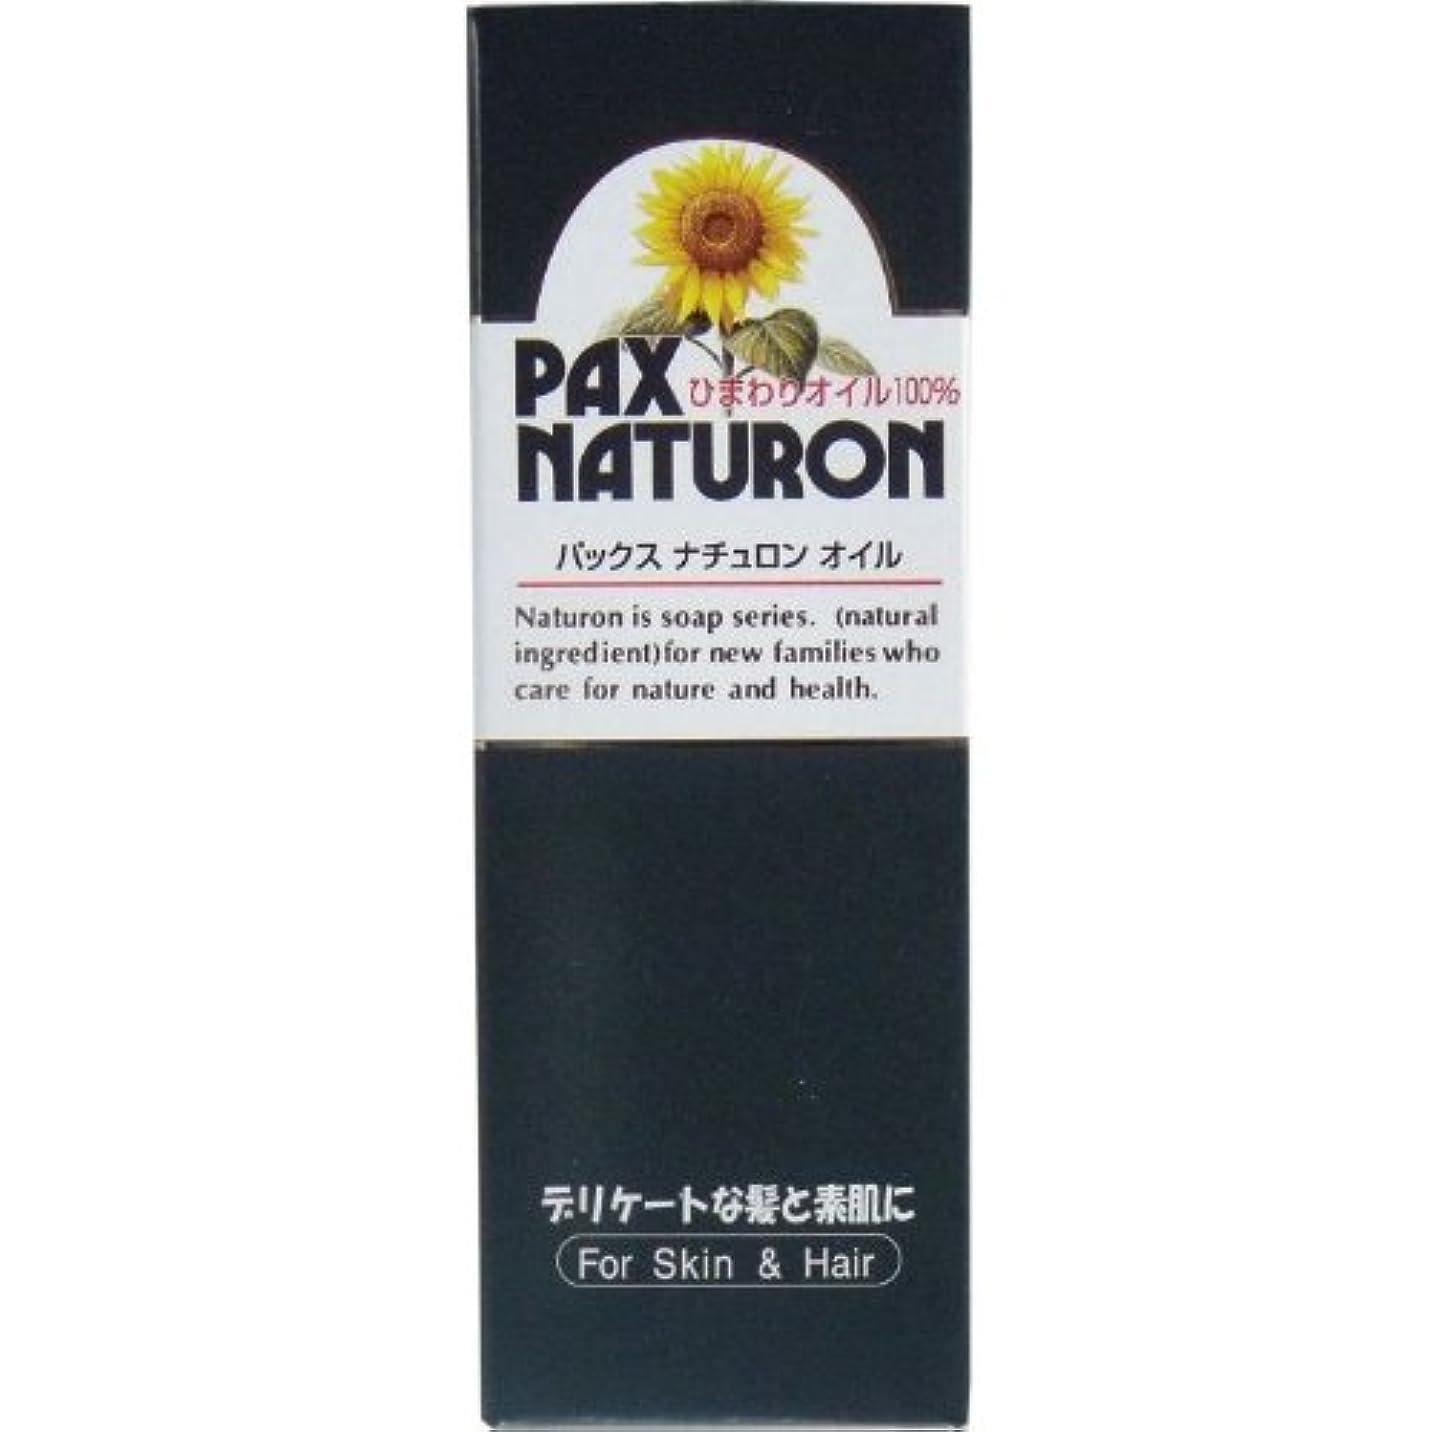 小包温かいまっすぐにするデリケートな髪と素肌に!ひまわりの種子から採った ハイオレイックひまわり油 60mL【5個セット】